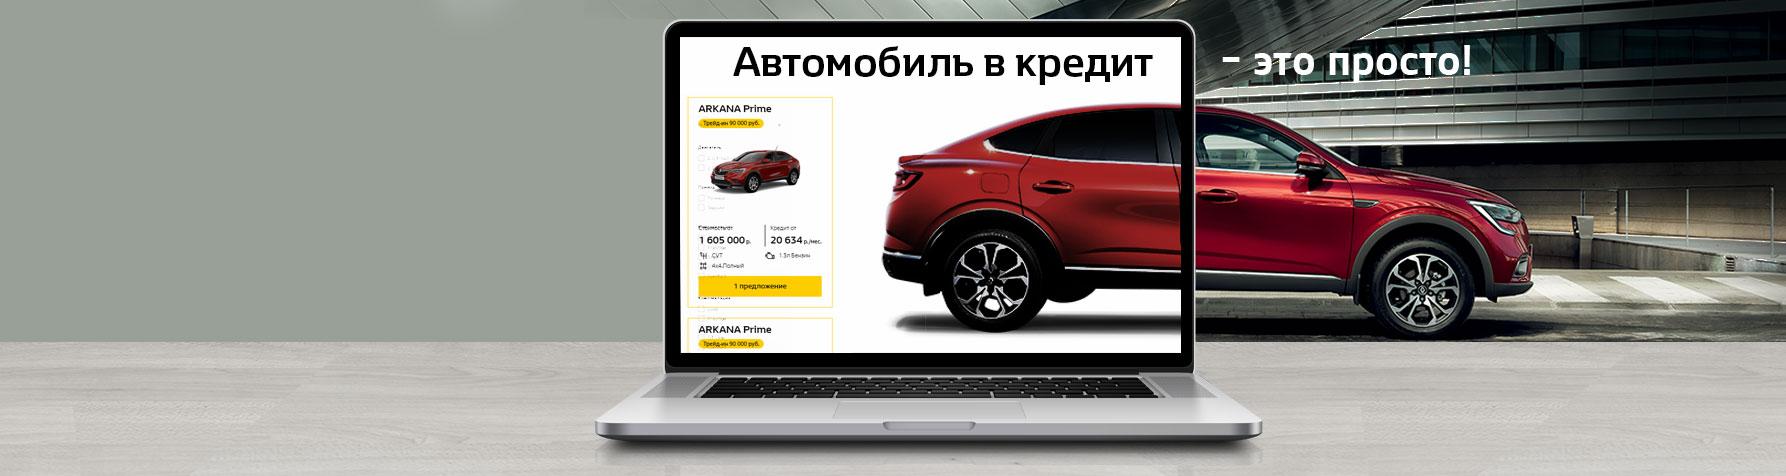 Renault в кредит?